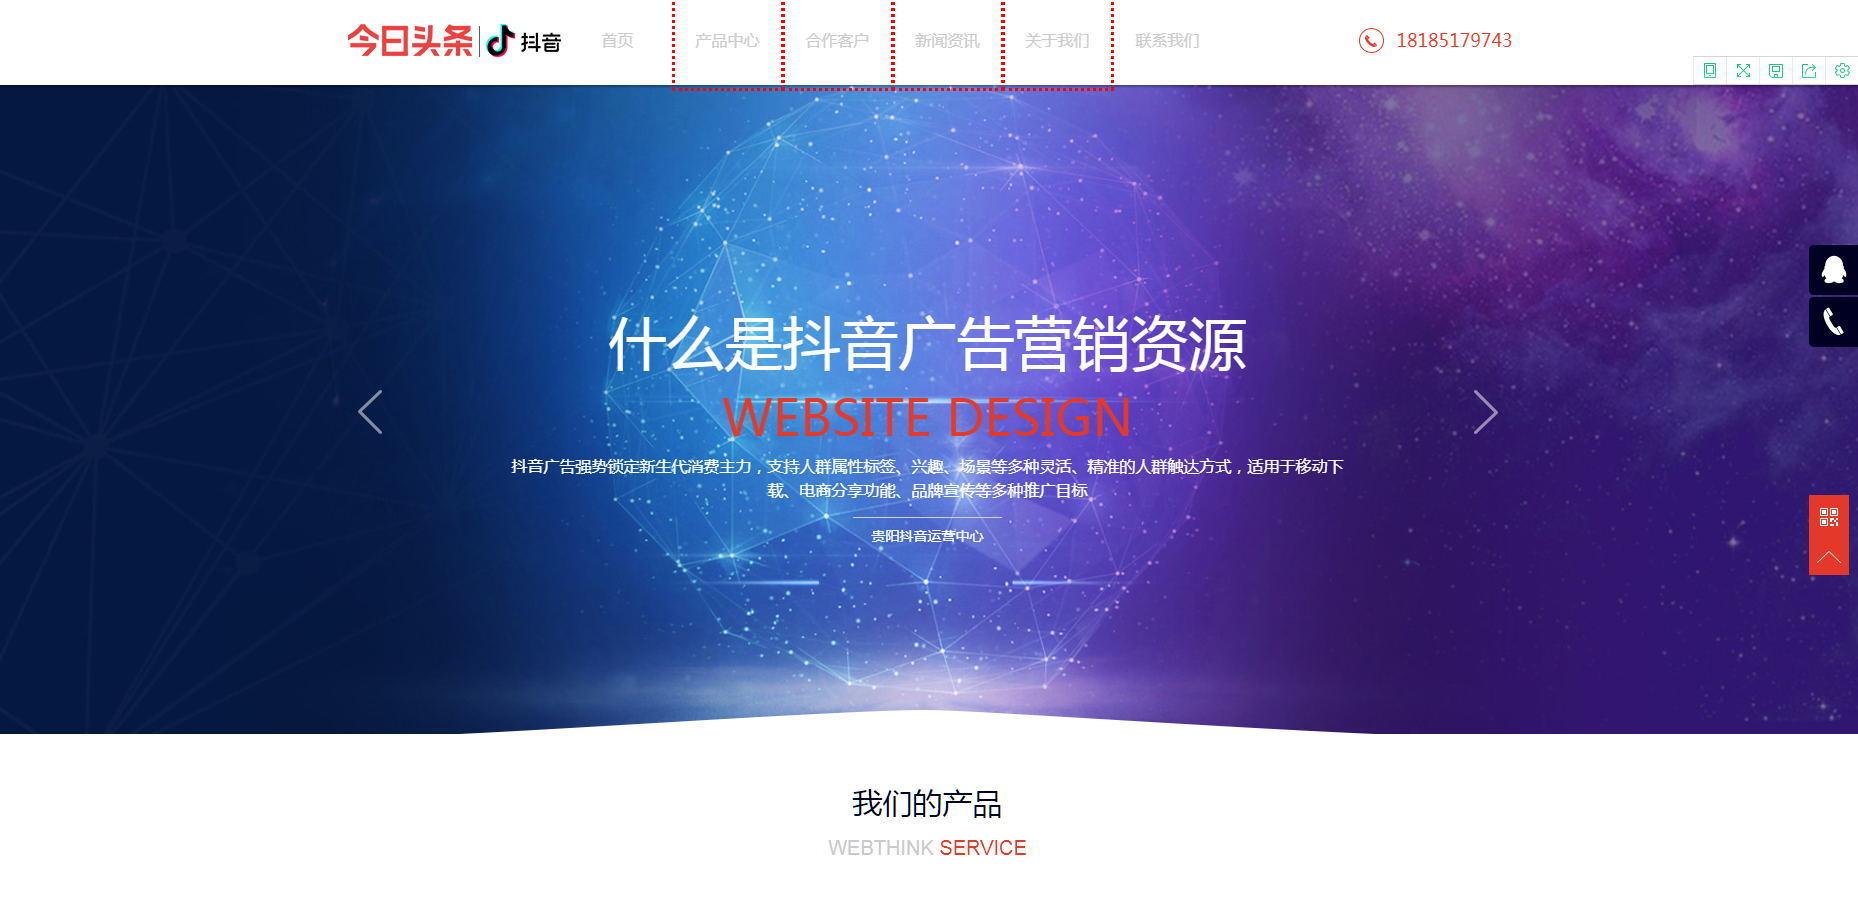 贵阳今日头条抖音广告推广公司